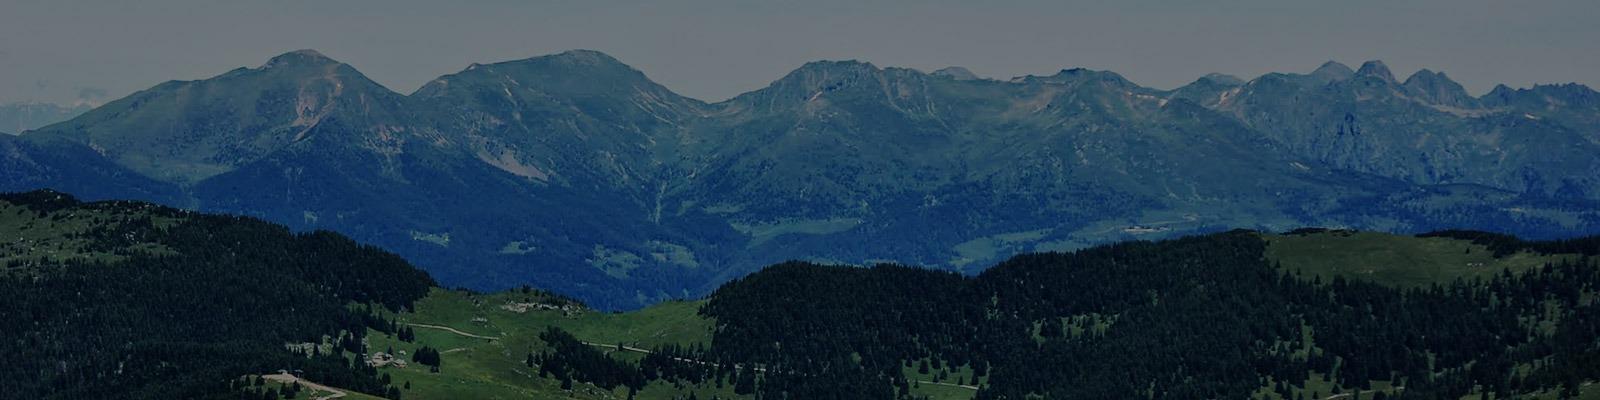 Explopedia - Alpy Wschodnie